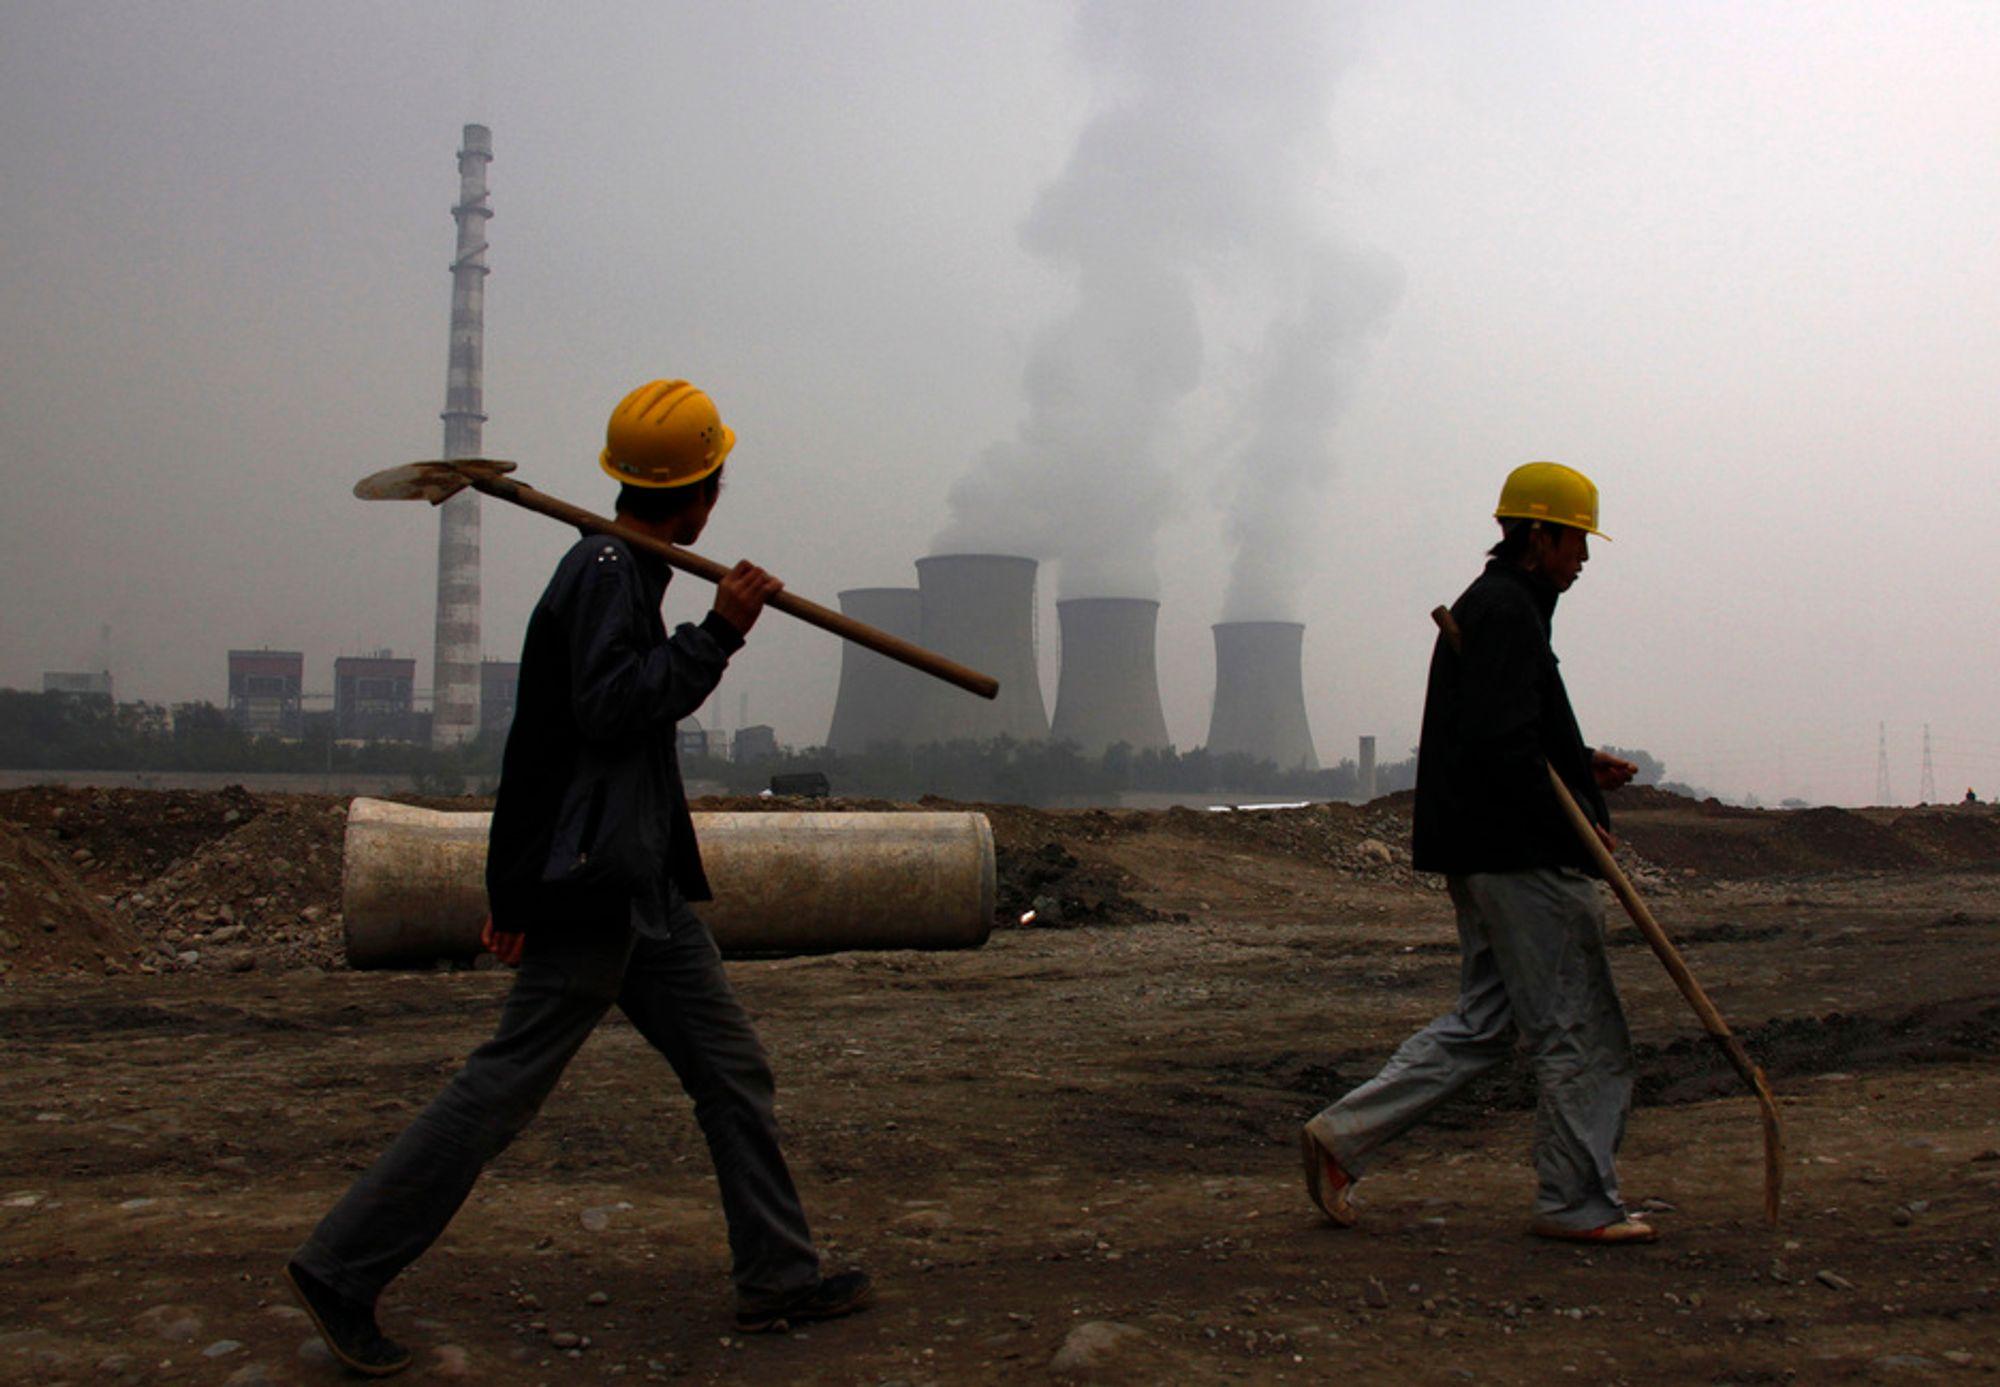 KINESISK STRØMSVIKT: Dersom forsyningsproblemene fortsetter, må Kina godkjenne flere kullkraft-prosjekter, mener analytiker.